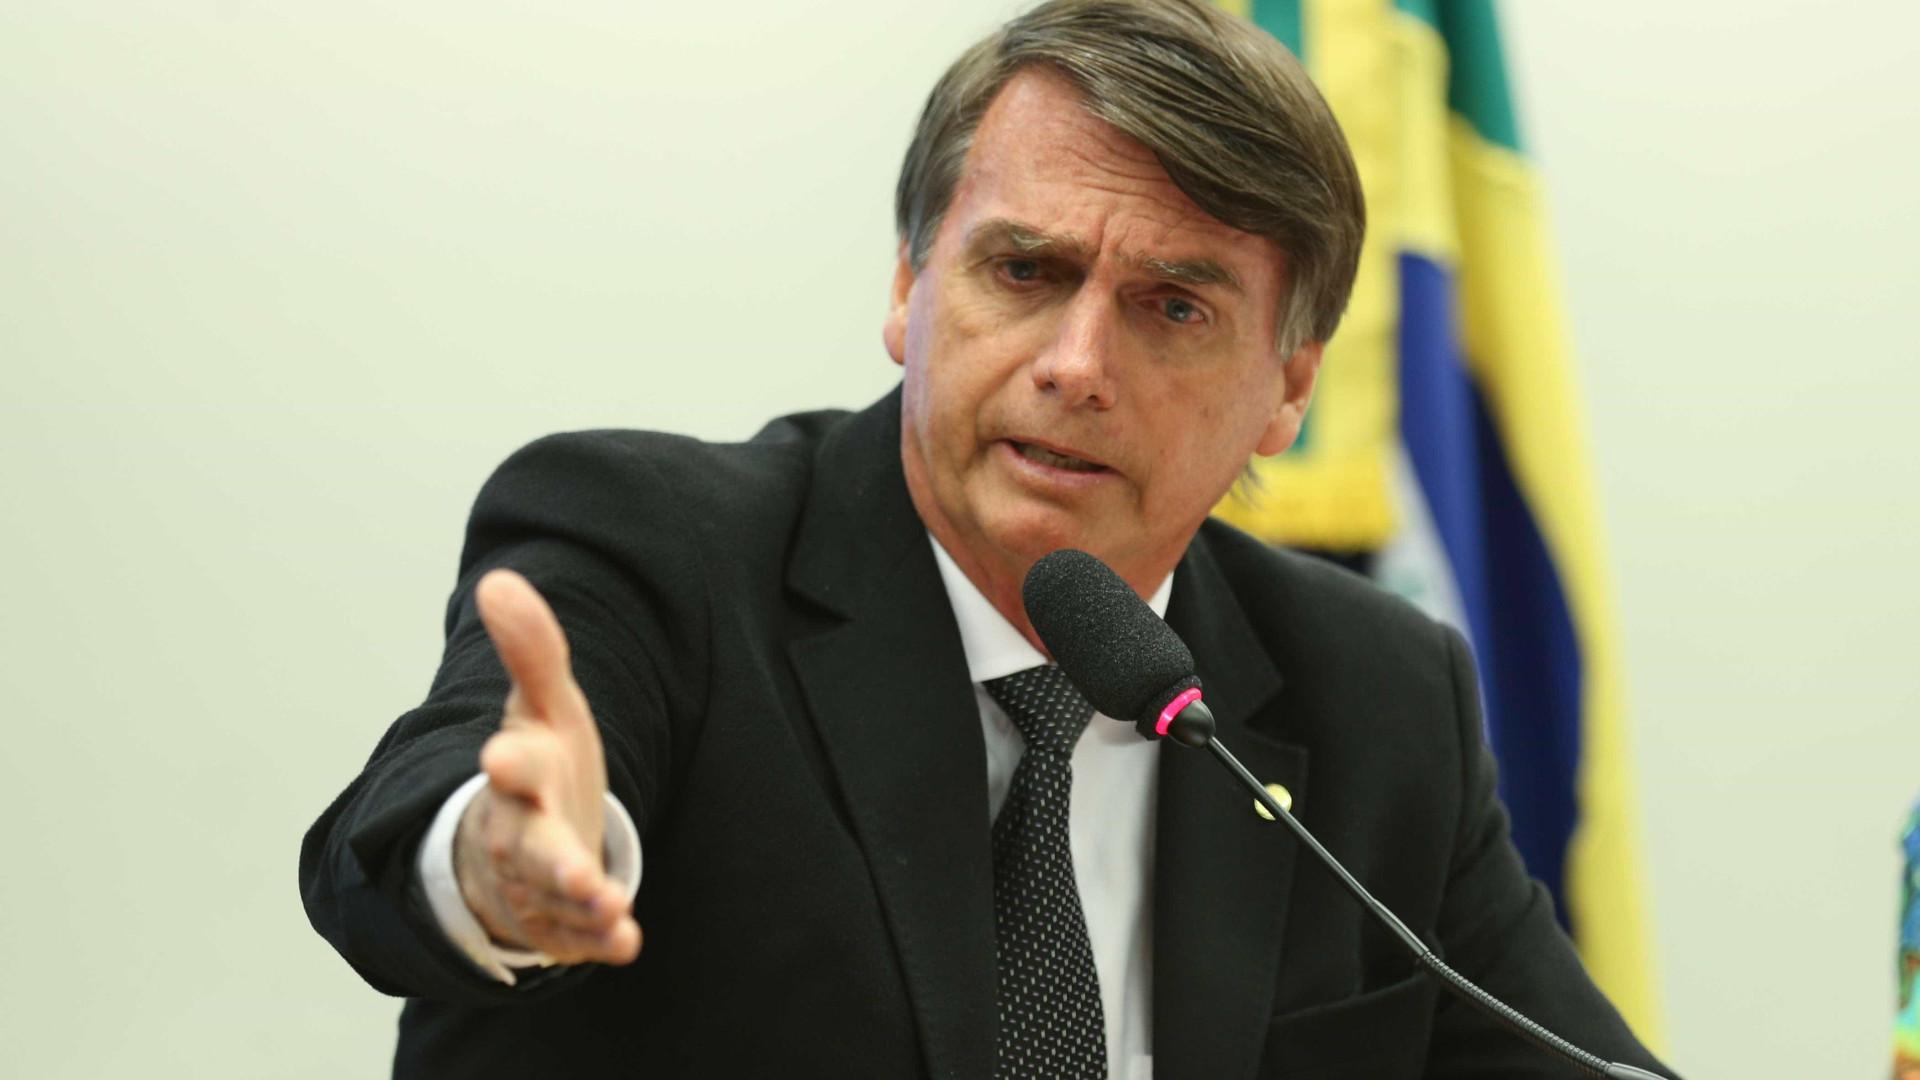 'Tem que pegar o meu patrimônio. Esquece meus filhos', diz Bolsonaro